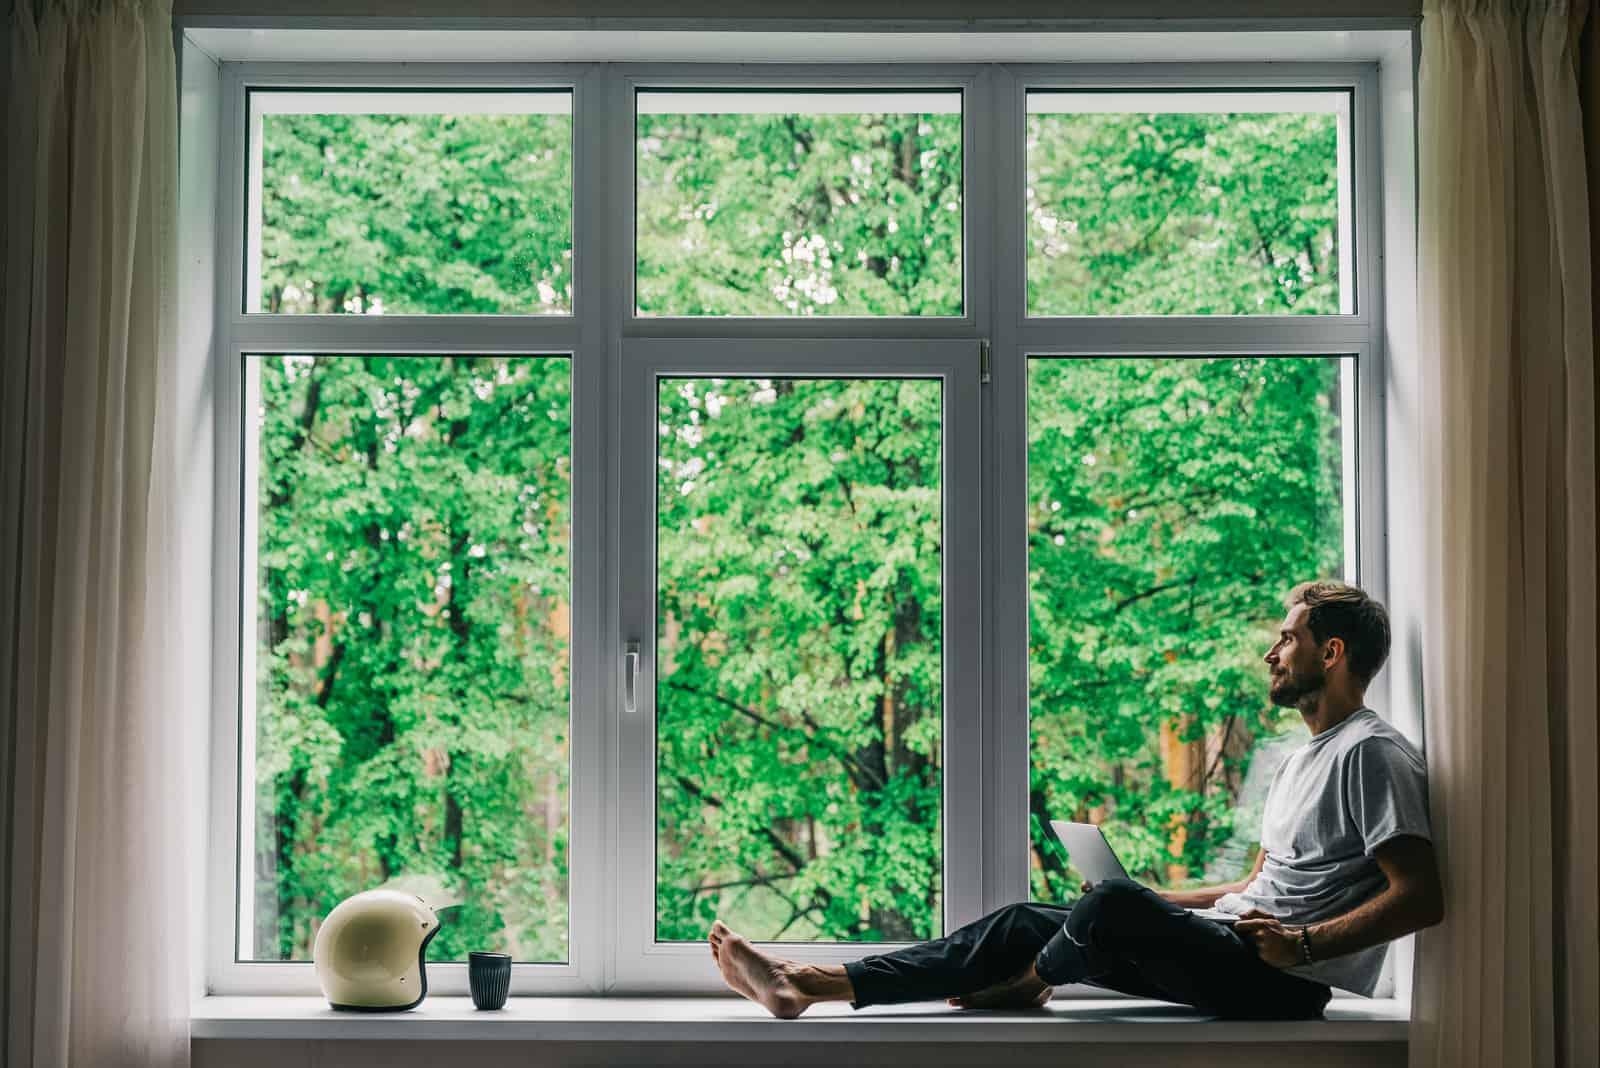 un homme imaginaire est assis à la fenêtre et regarde au loin